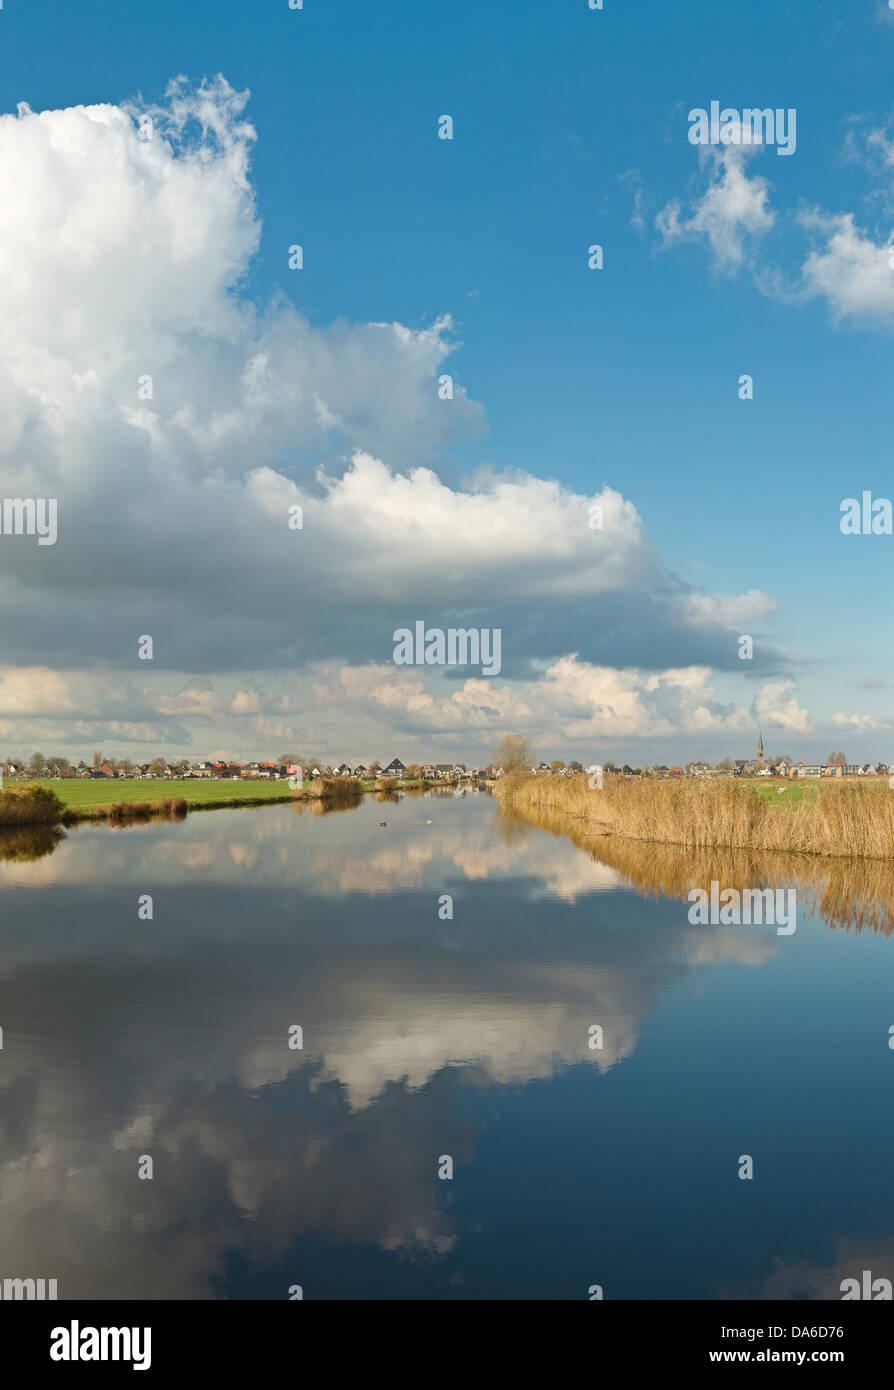 Holland, Niederlande, Europa, Wormer, Reflexionen, Ruhe, Wasser, Landschaft, Wasser, Winter, Wolken, Reflexionen, Stockbild